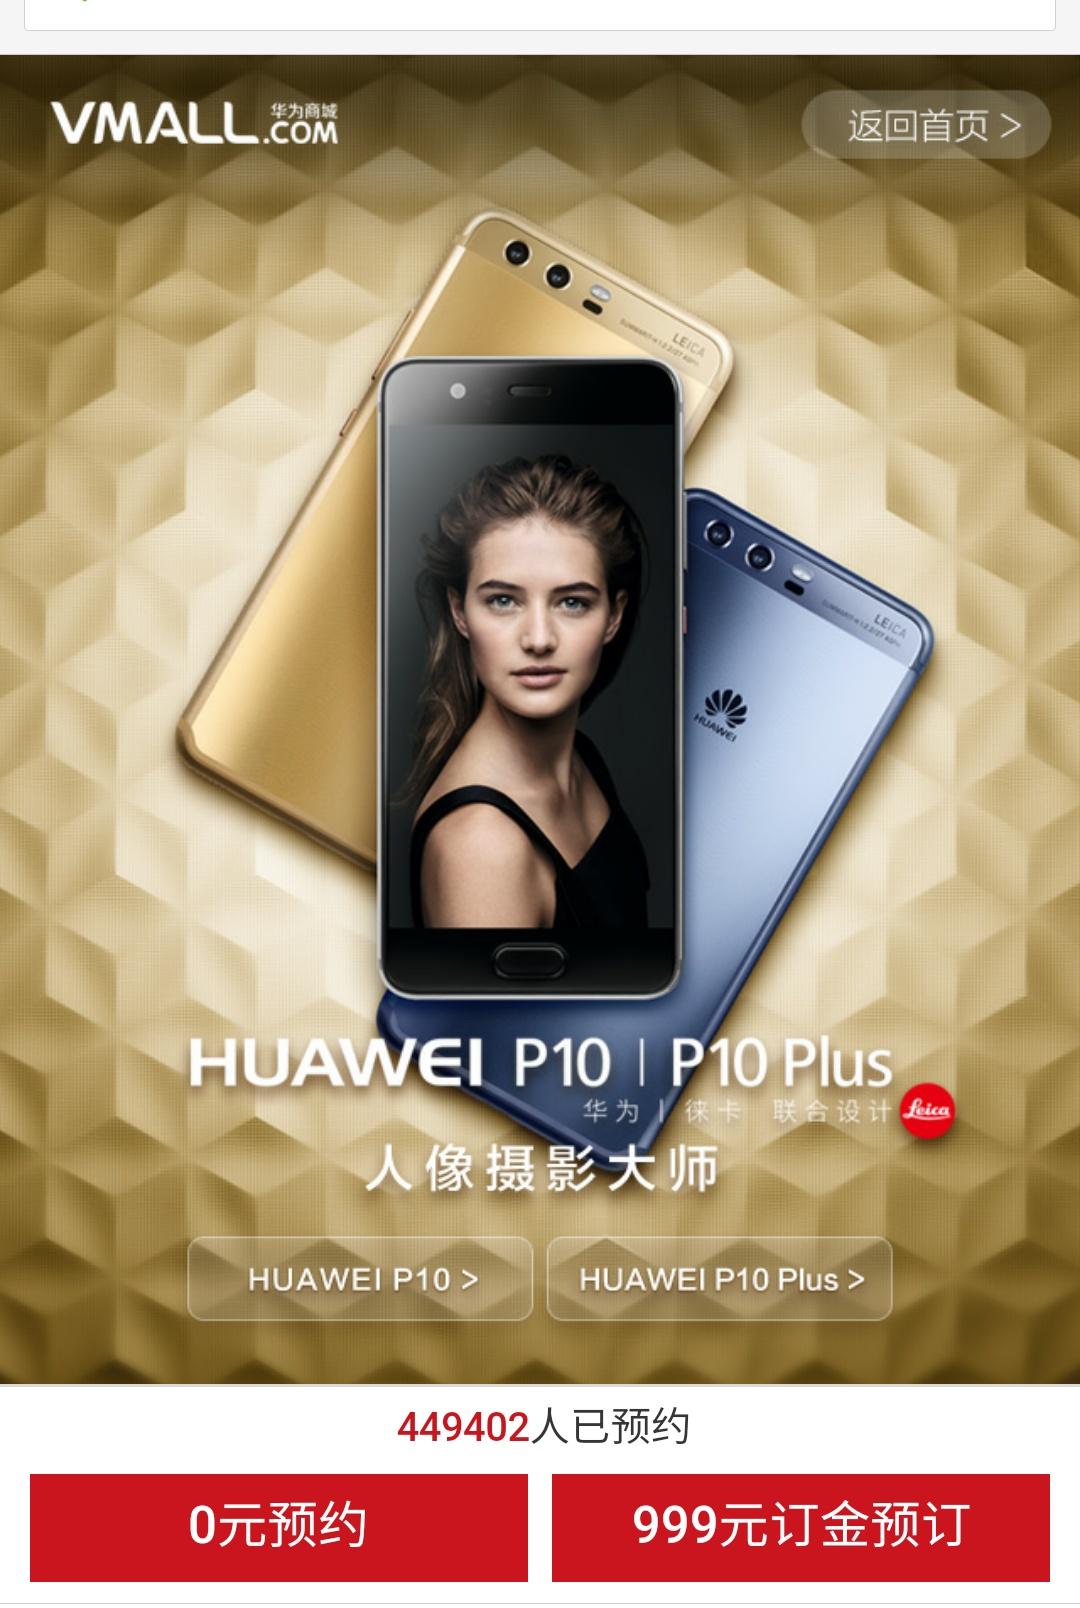 华为p10系列产品预购 小米手机note2神密颜色